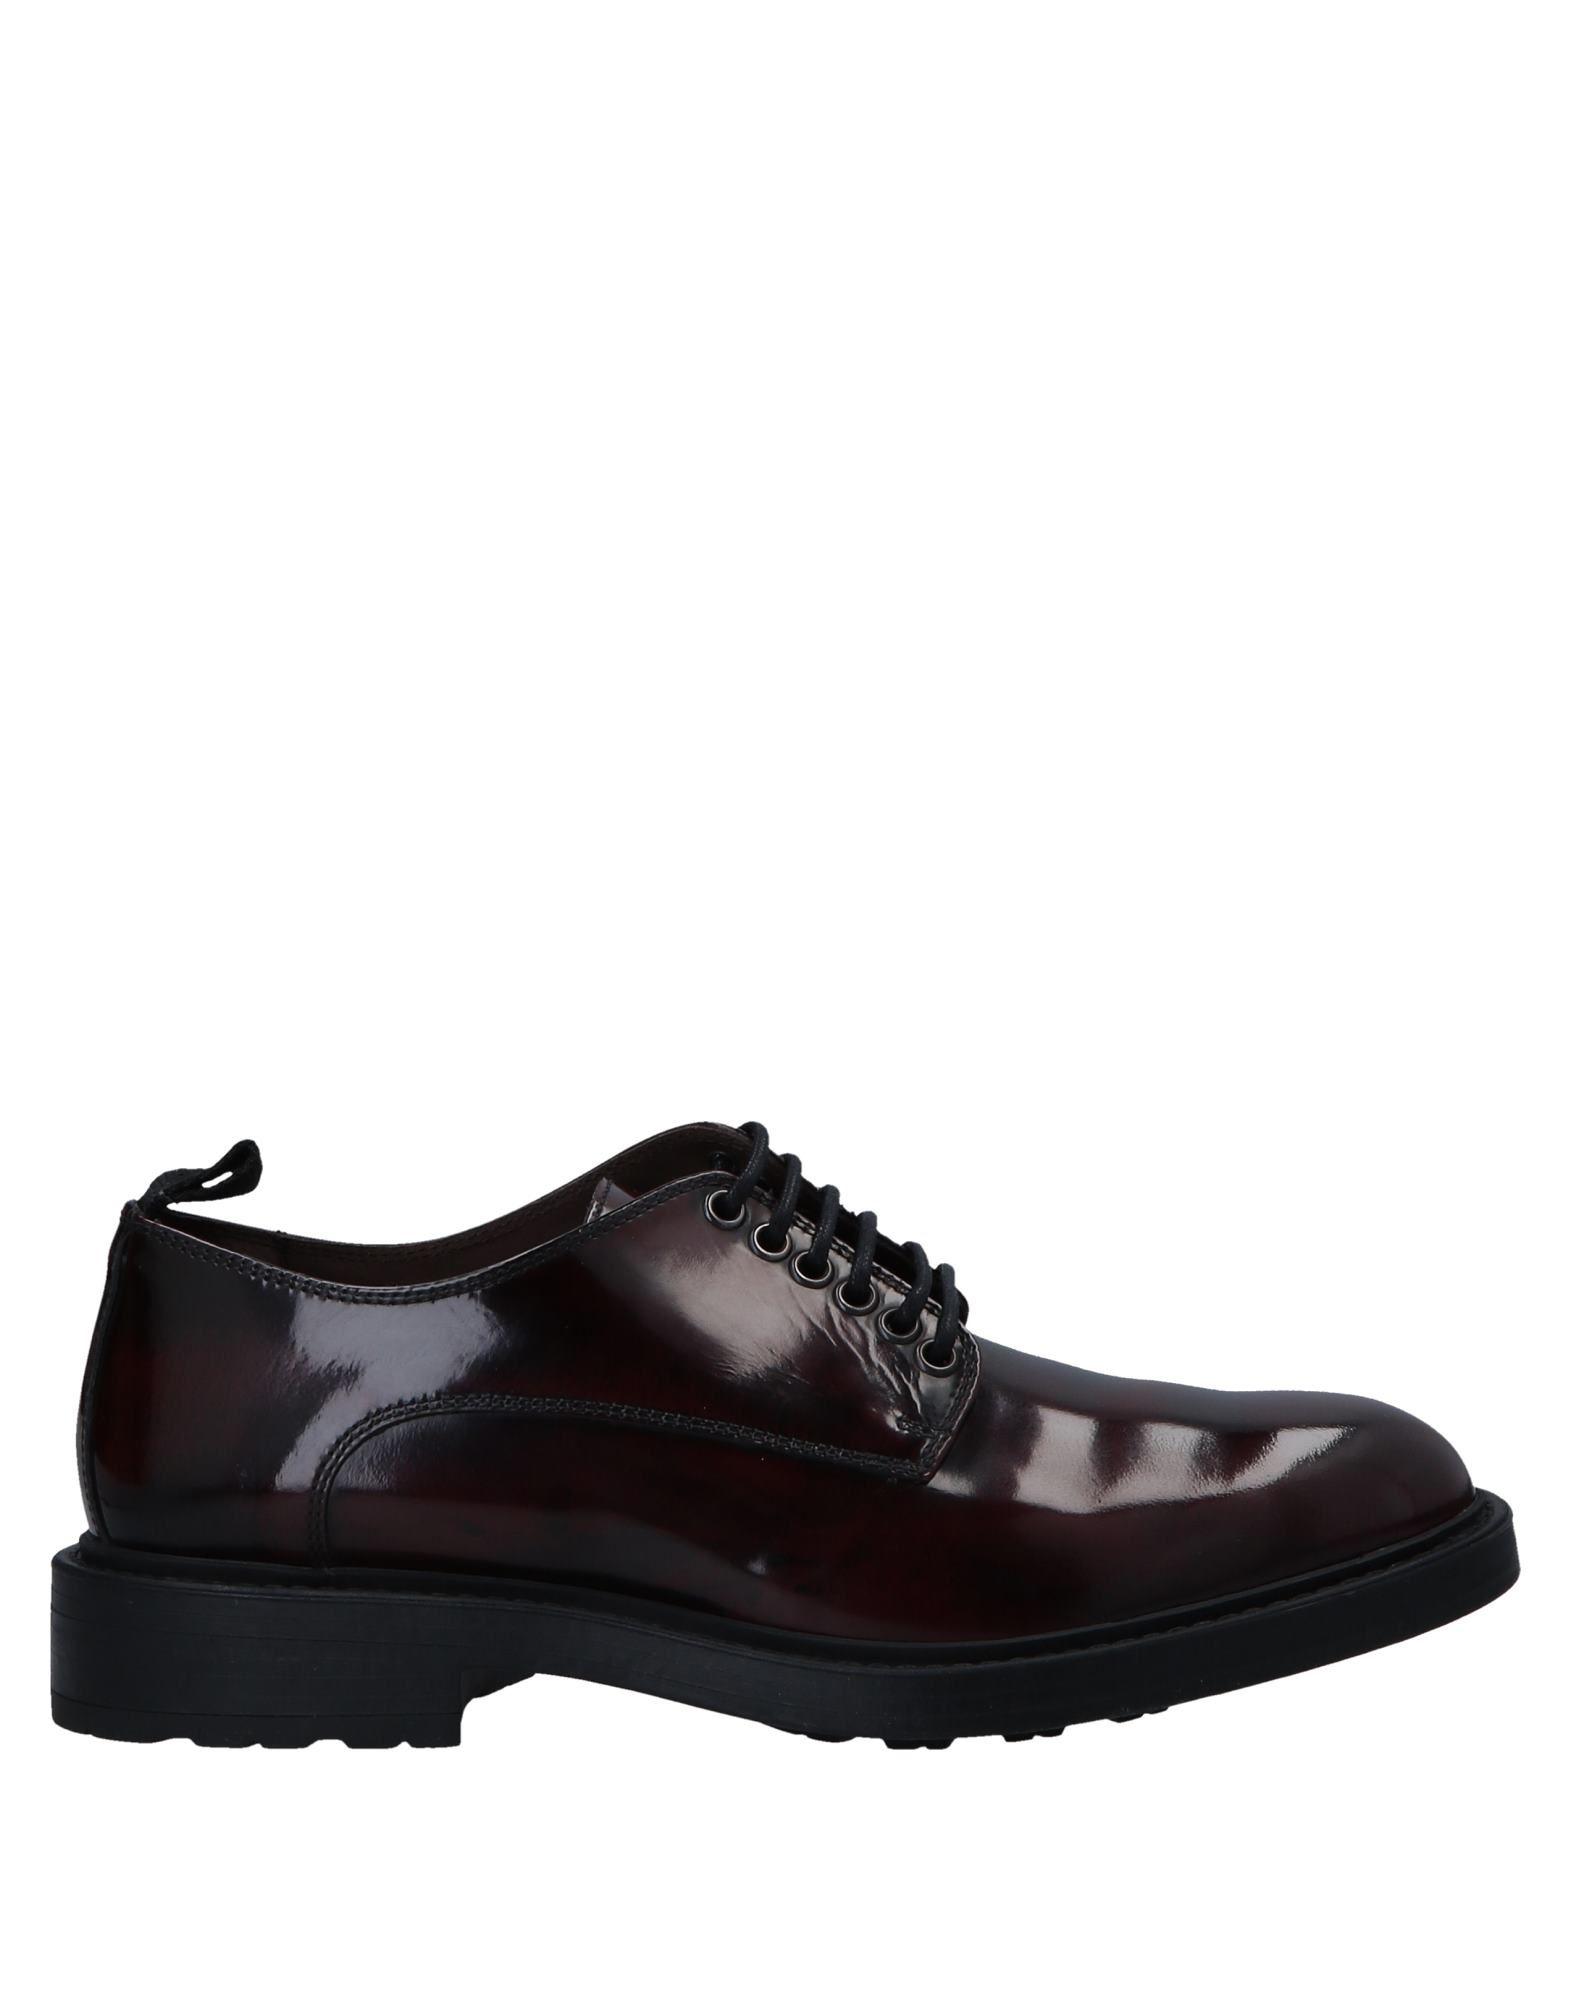 Rabatt echte Schuhe Boemos Schnürschuhe Herren  11553359II